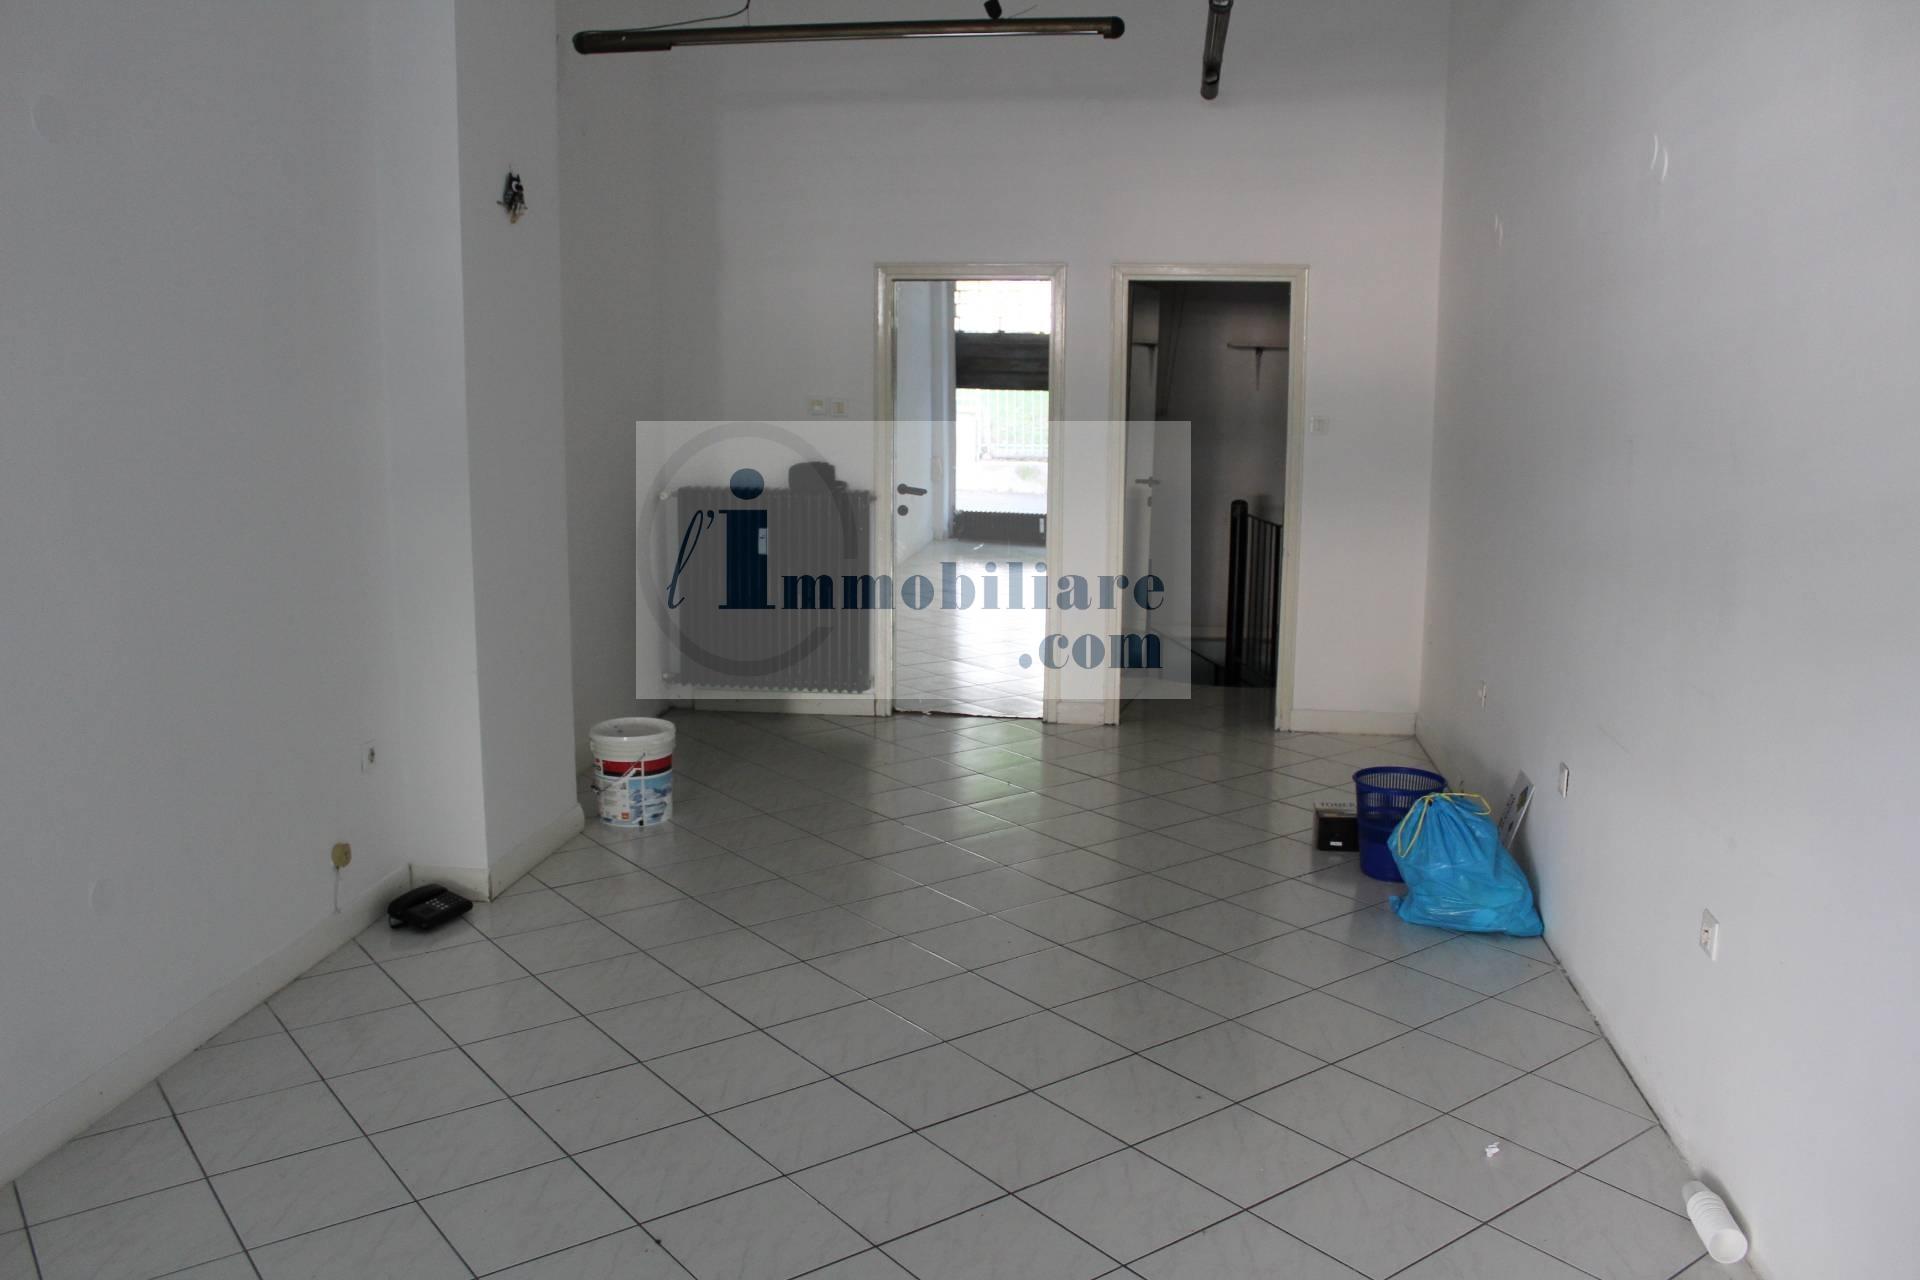 Negozio / Locale in vendita a Bolzano, 1 locali, zona Zona: Residenziale, prezzo € 75.000 | CambioCasa.it